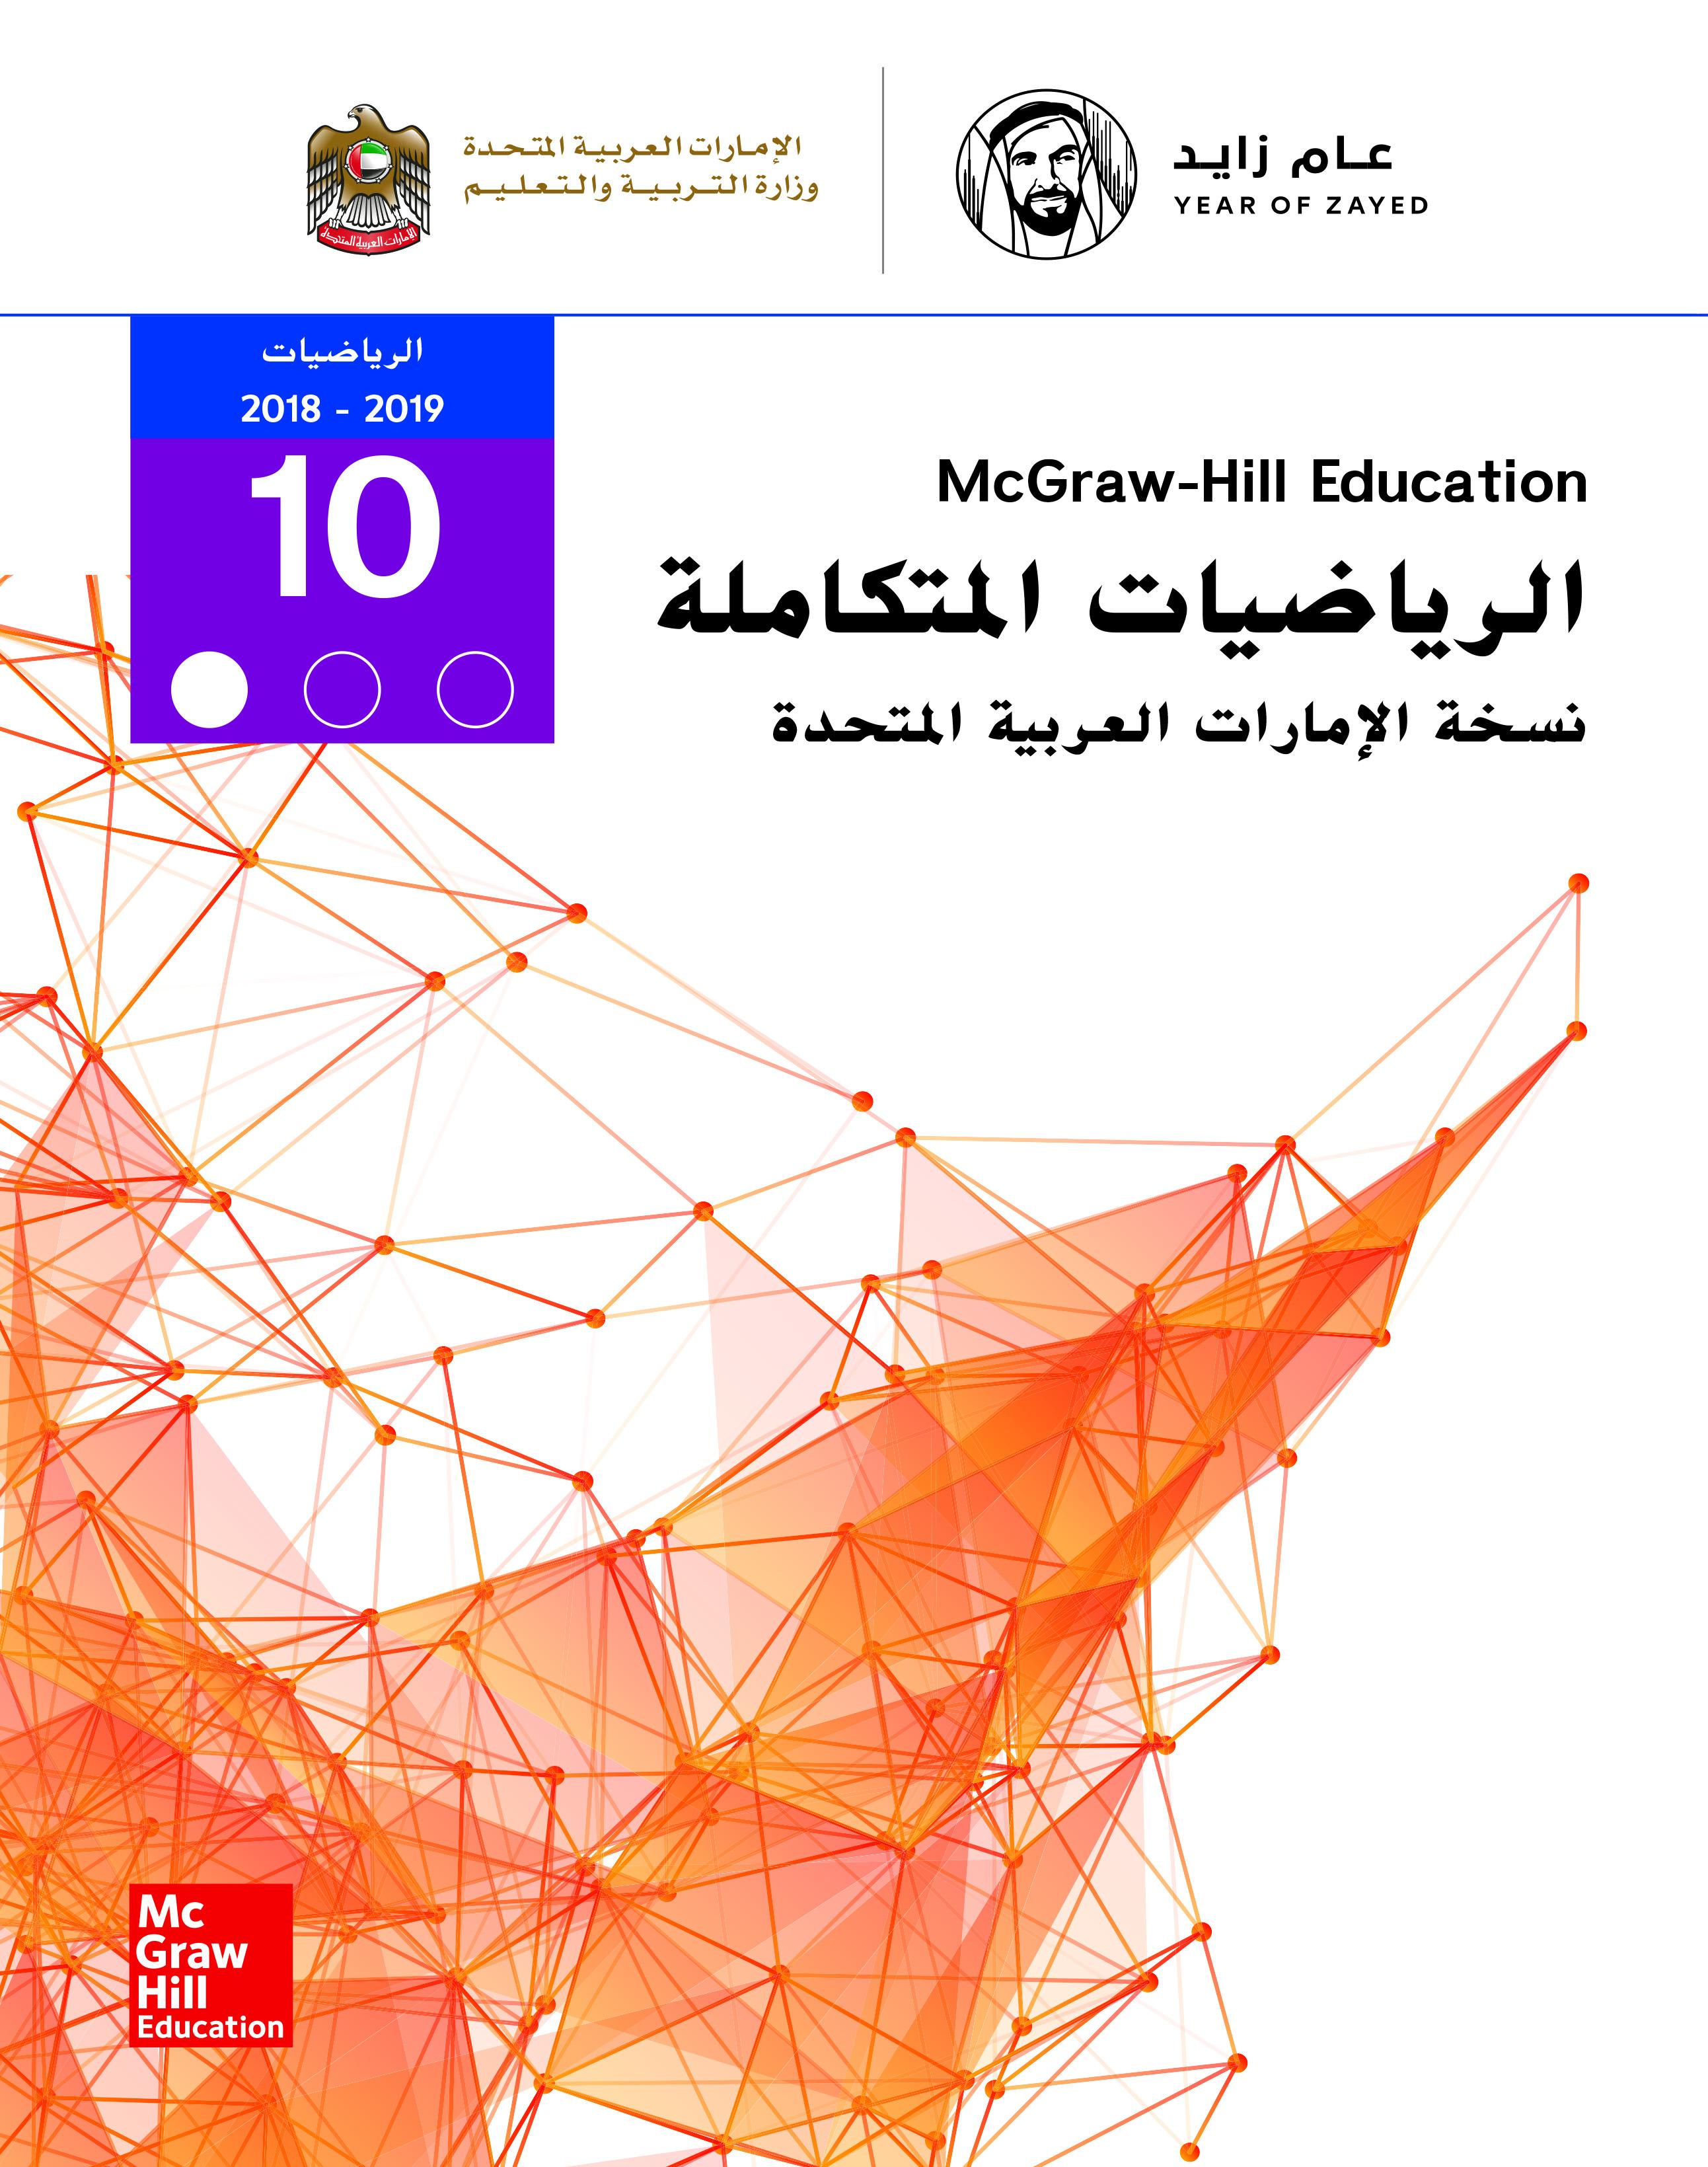 الرياضيات المتكاملة - كتاب الطالب - الصف العاشر العام - الجزء الأول